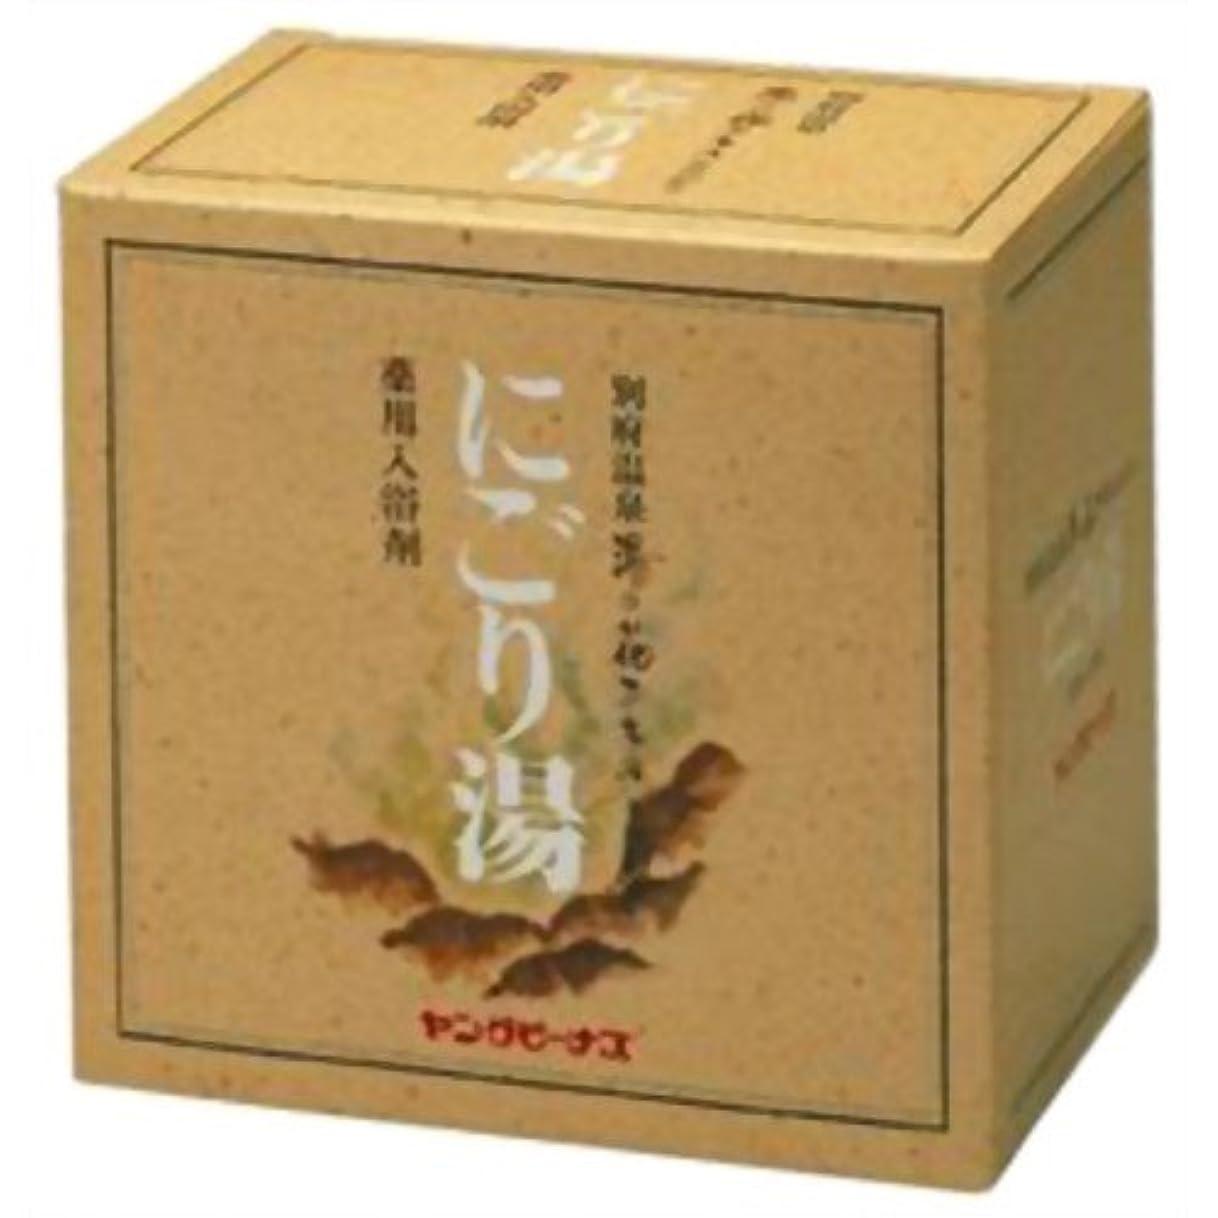 区別する商標トラフヤングビーナス にごり湯 入浴剤 M-10 50gx8袋入